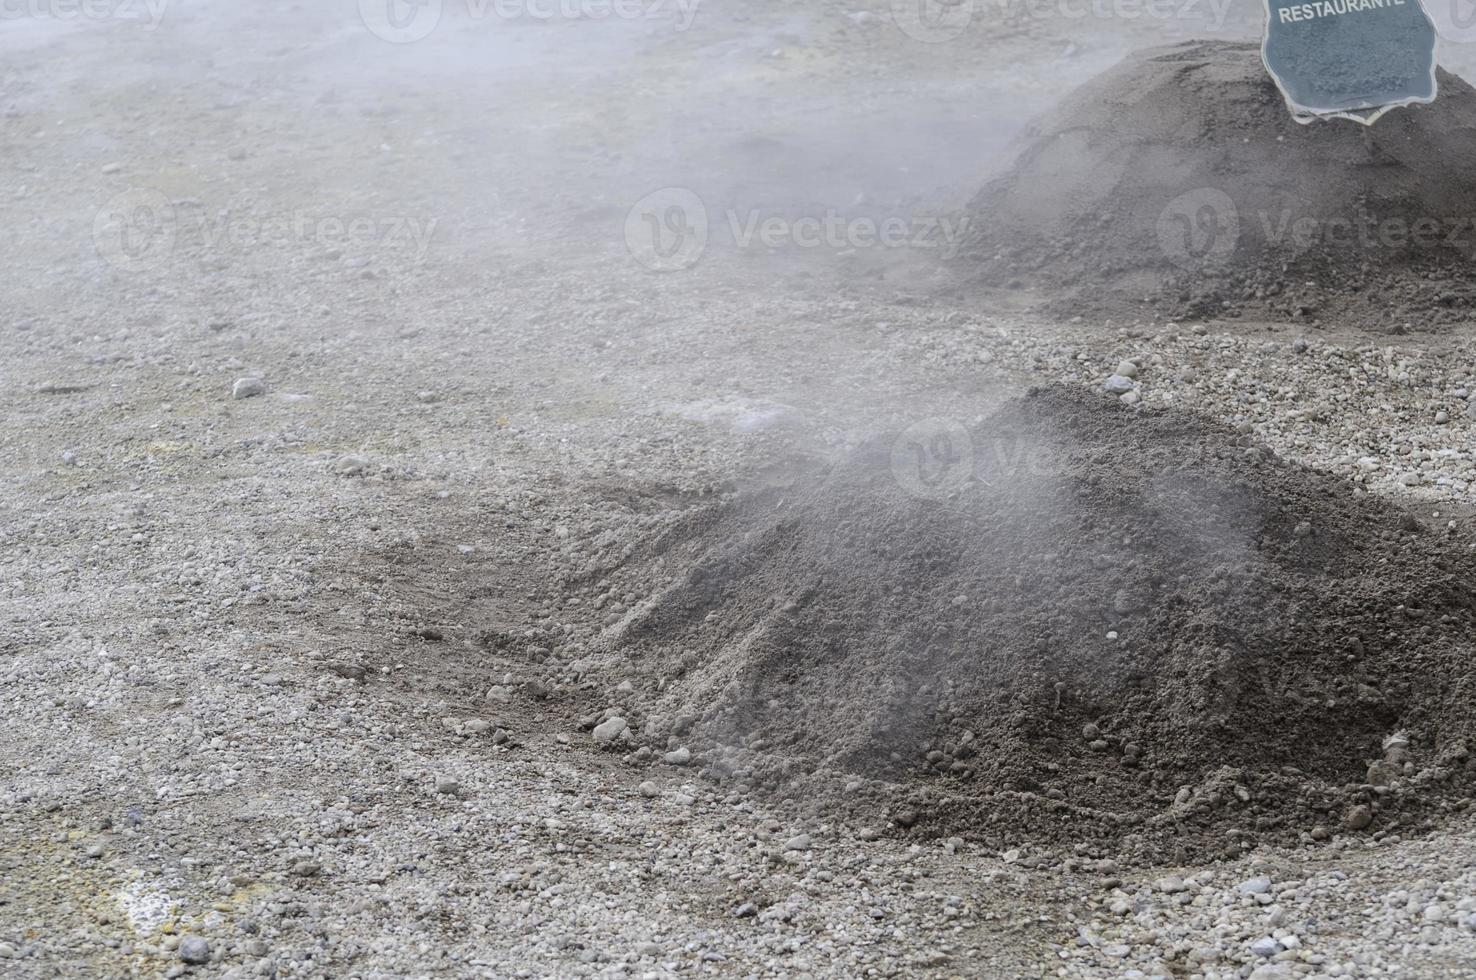 cucina vulcanica foto